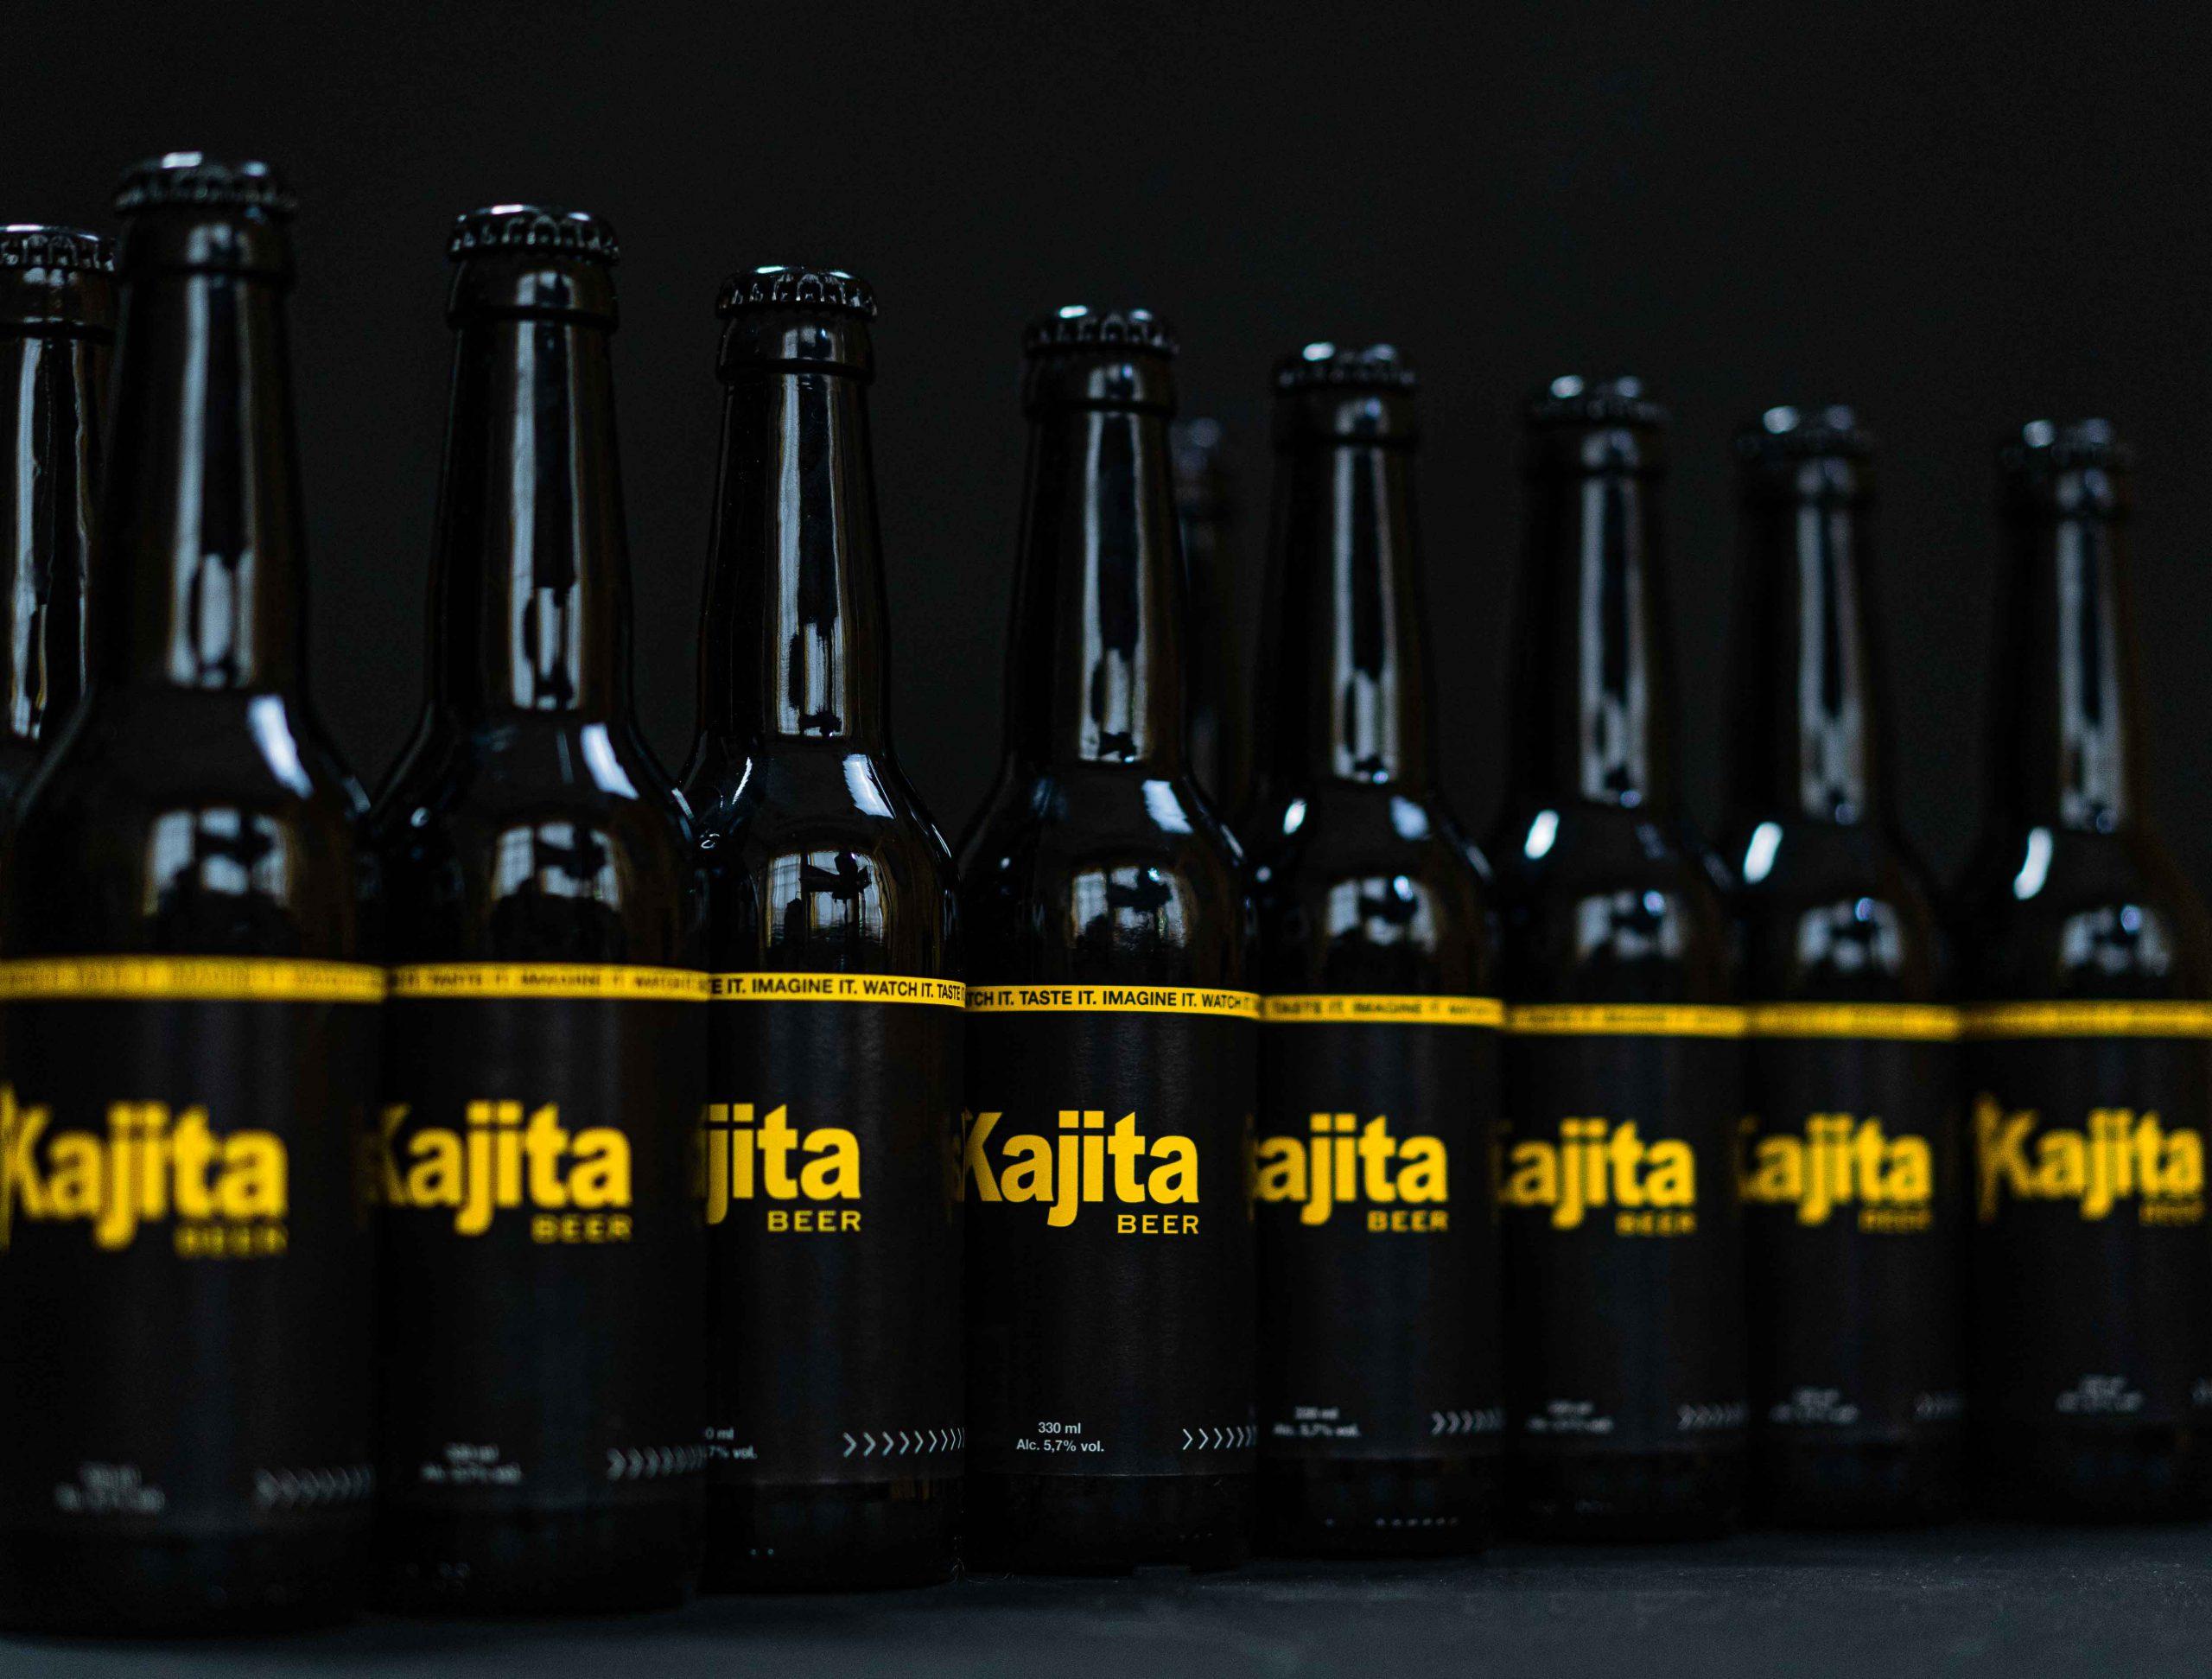 Kajita Beer bottles zwart